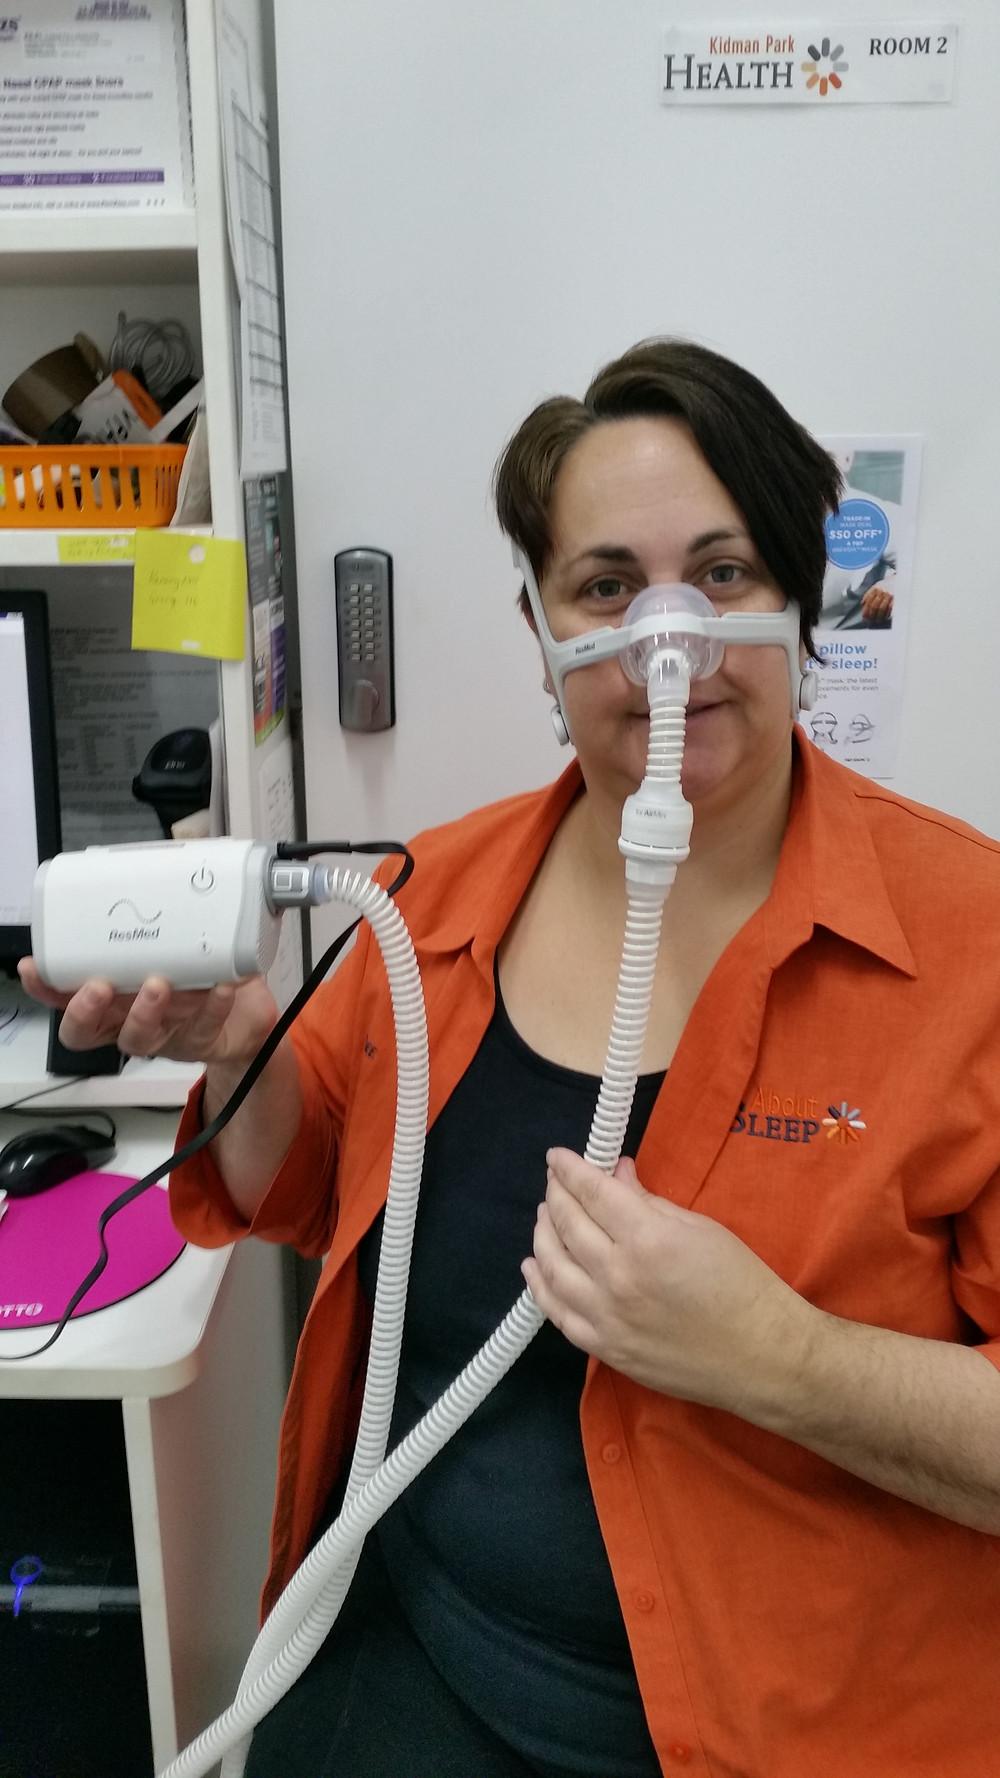 ResMed Air Mini CPAP Machine